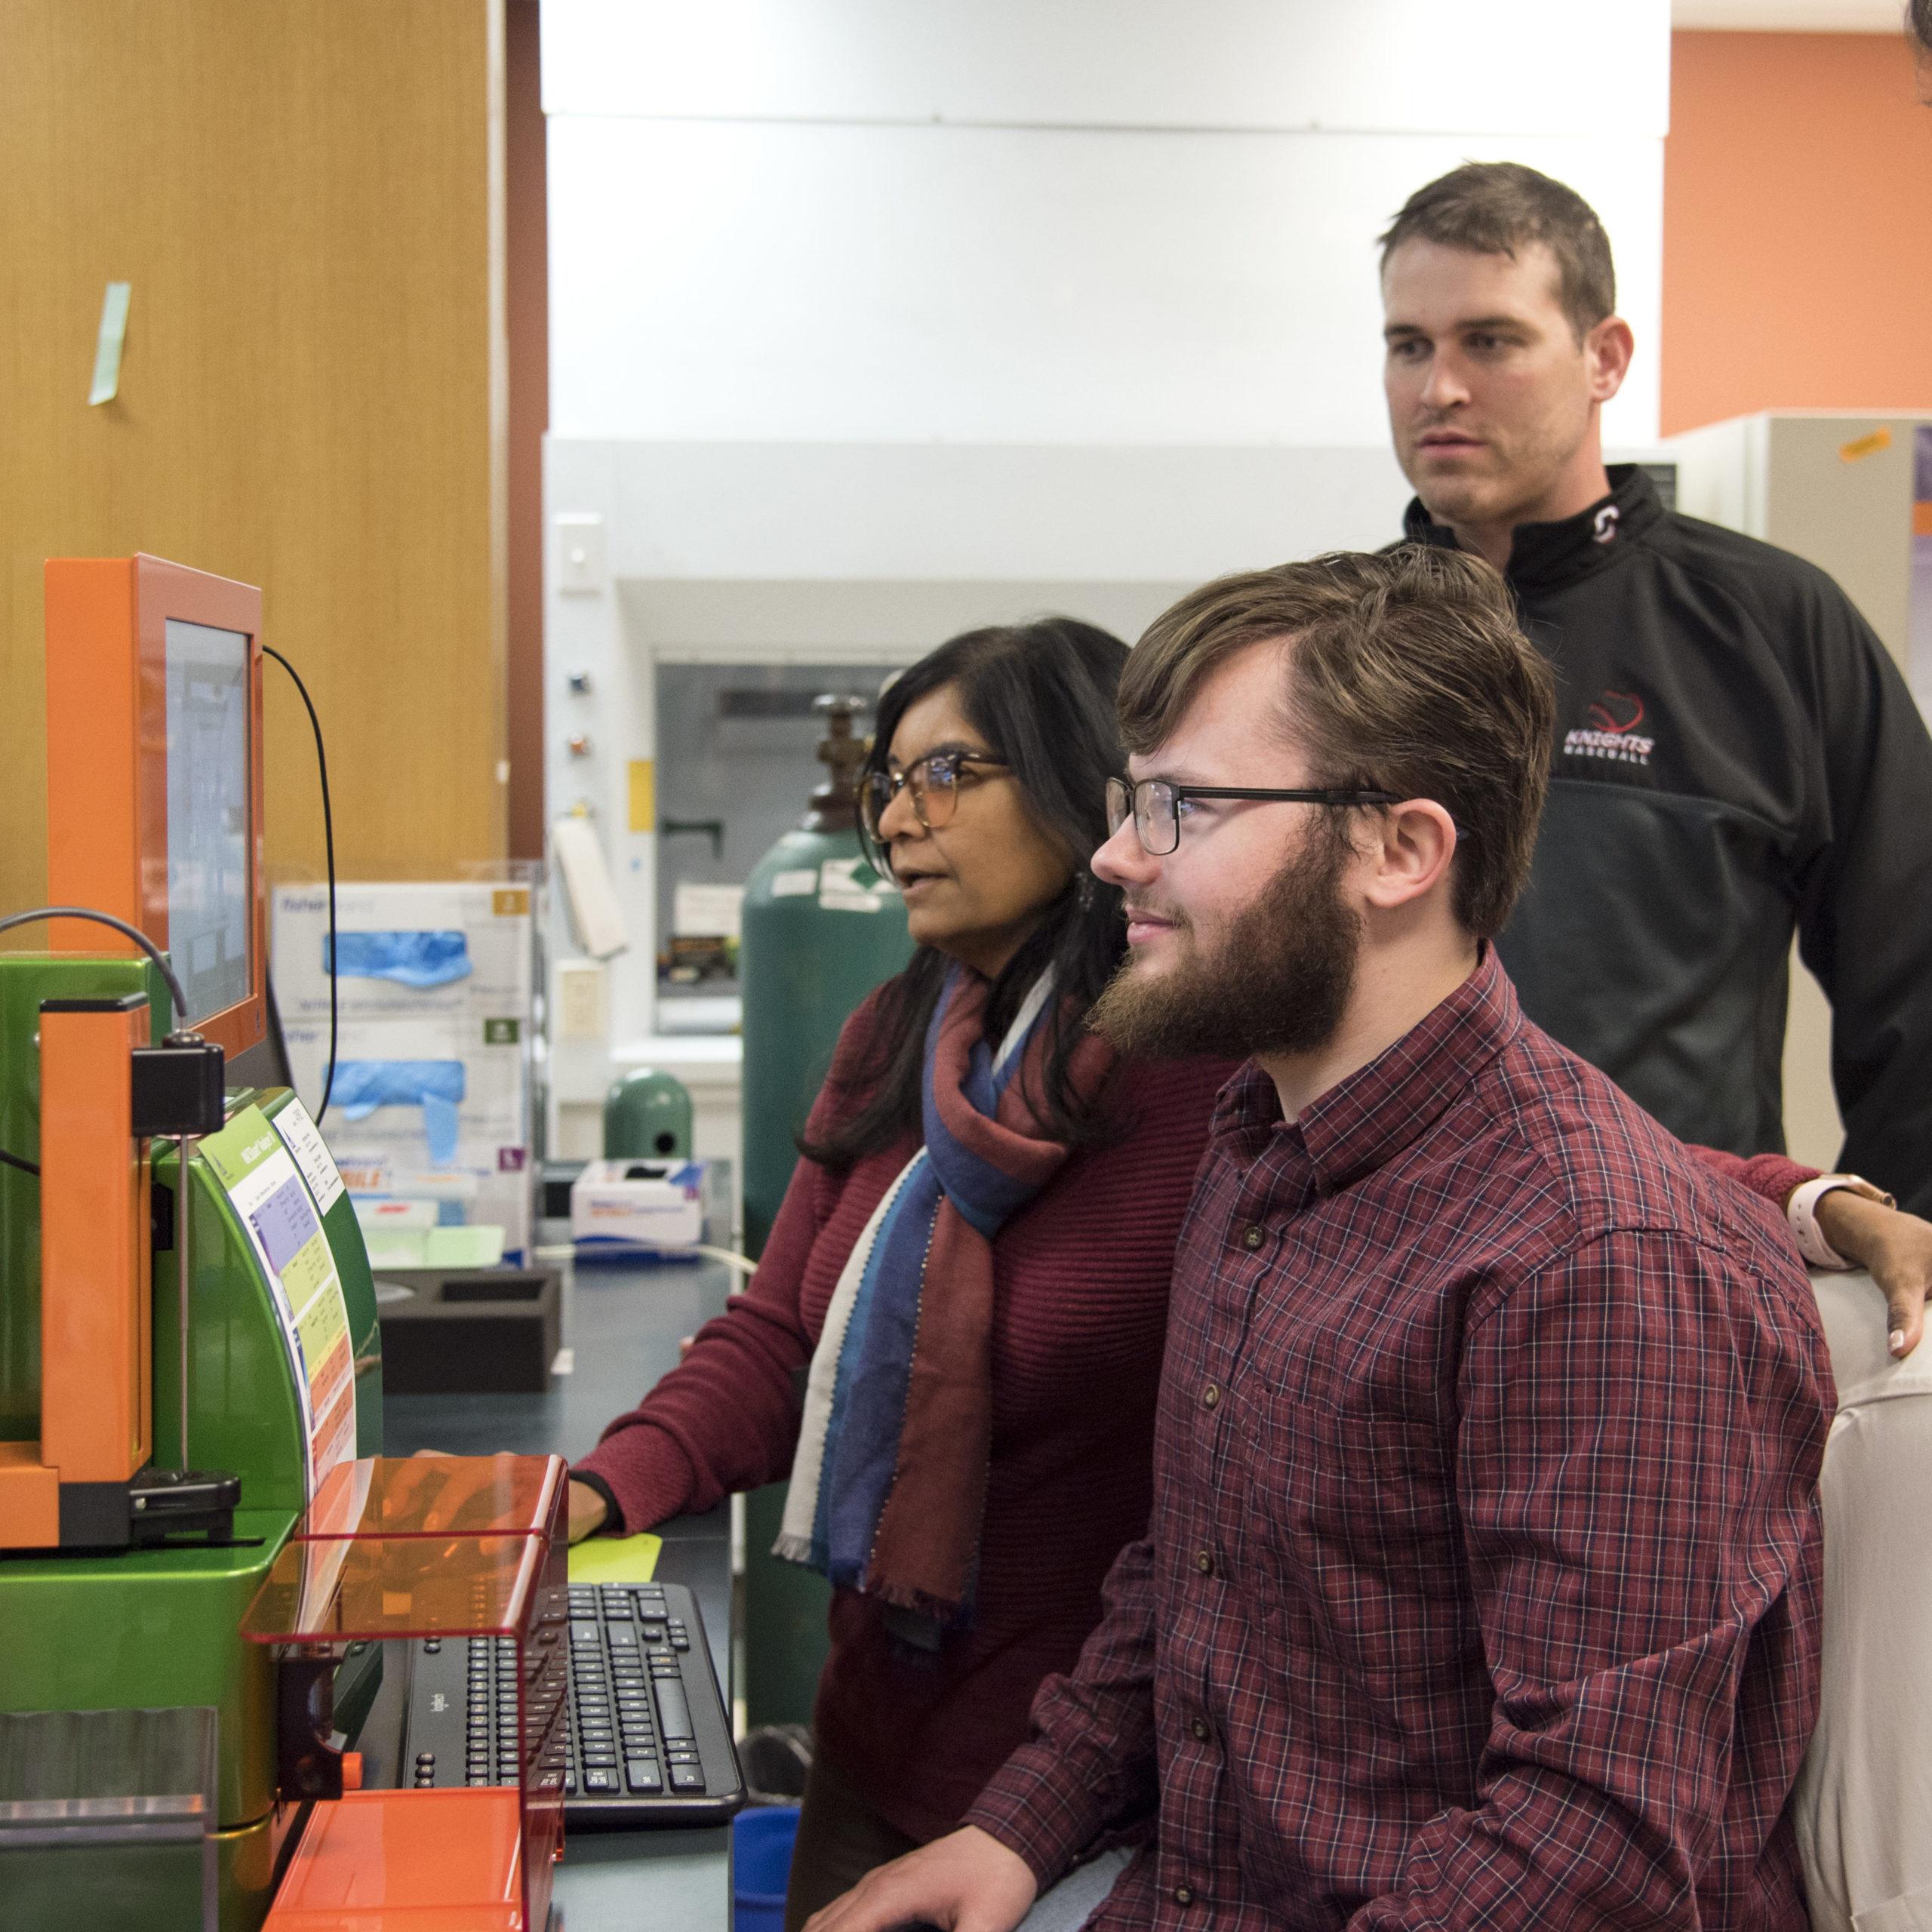 Omics hub scientist instruct graduate students on machinery in lab